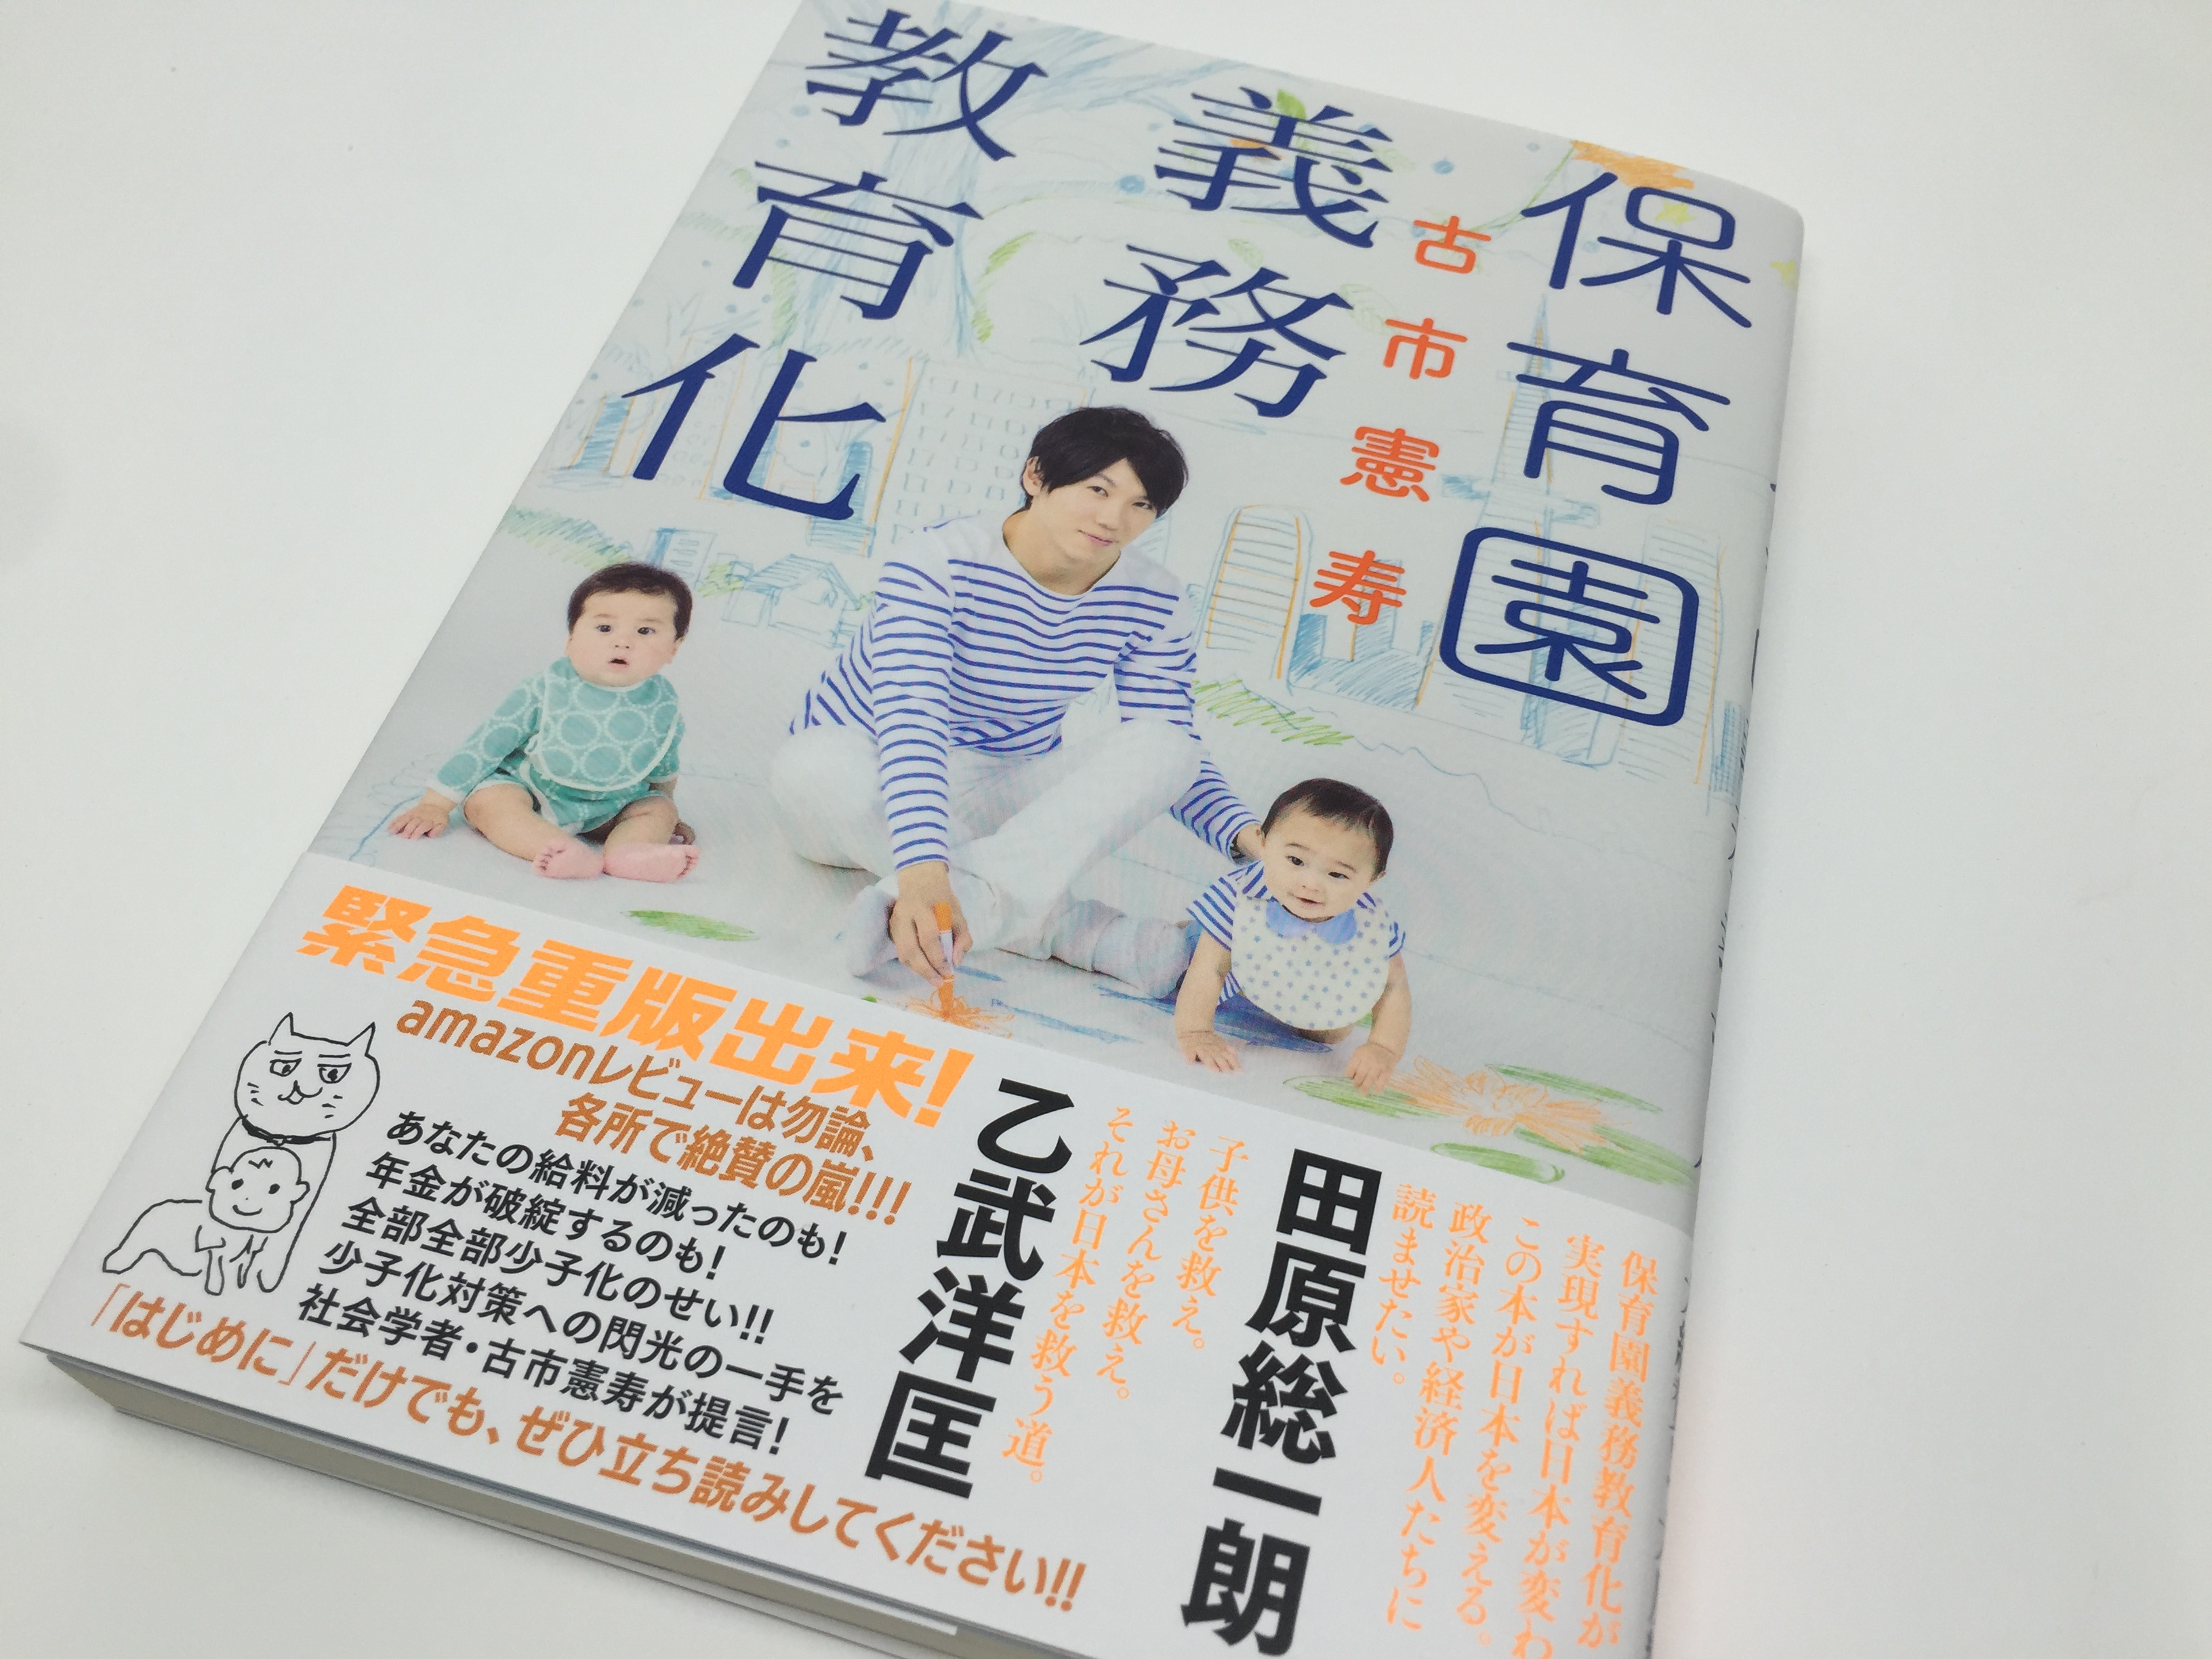 【読書】古市憲寿くんの「保育園義務教育化」を読んでいたらとあるSF作品の子育てを思い出した